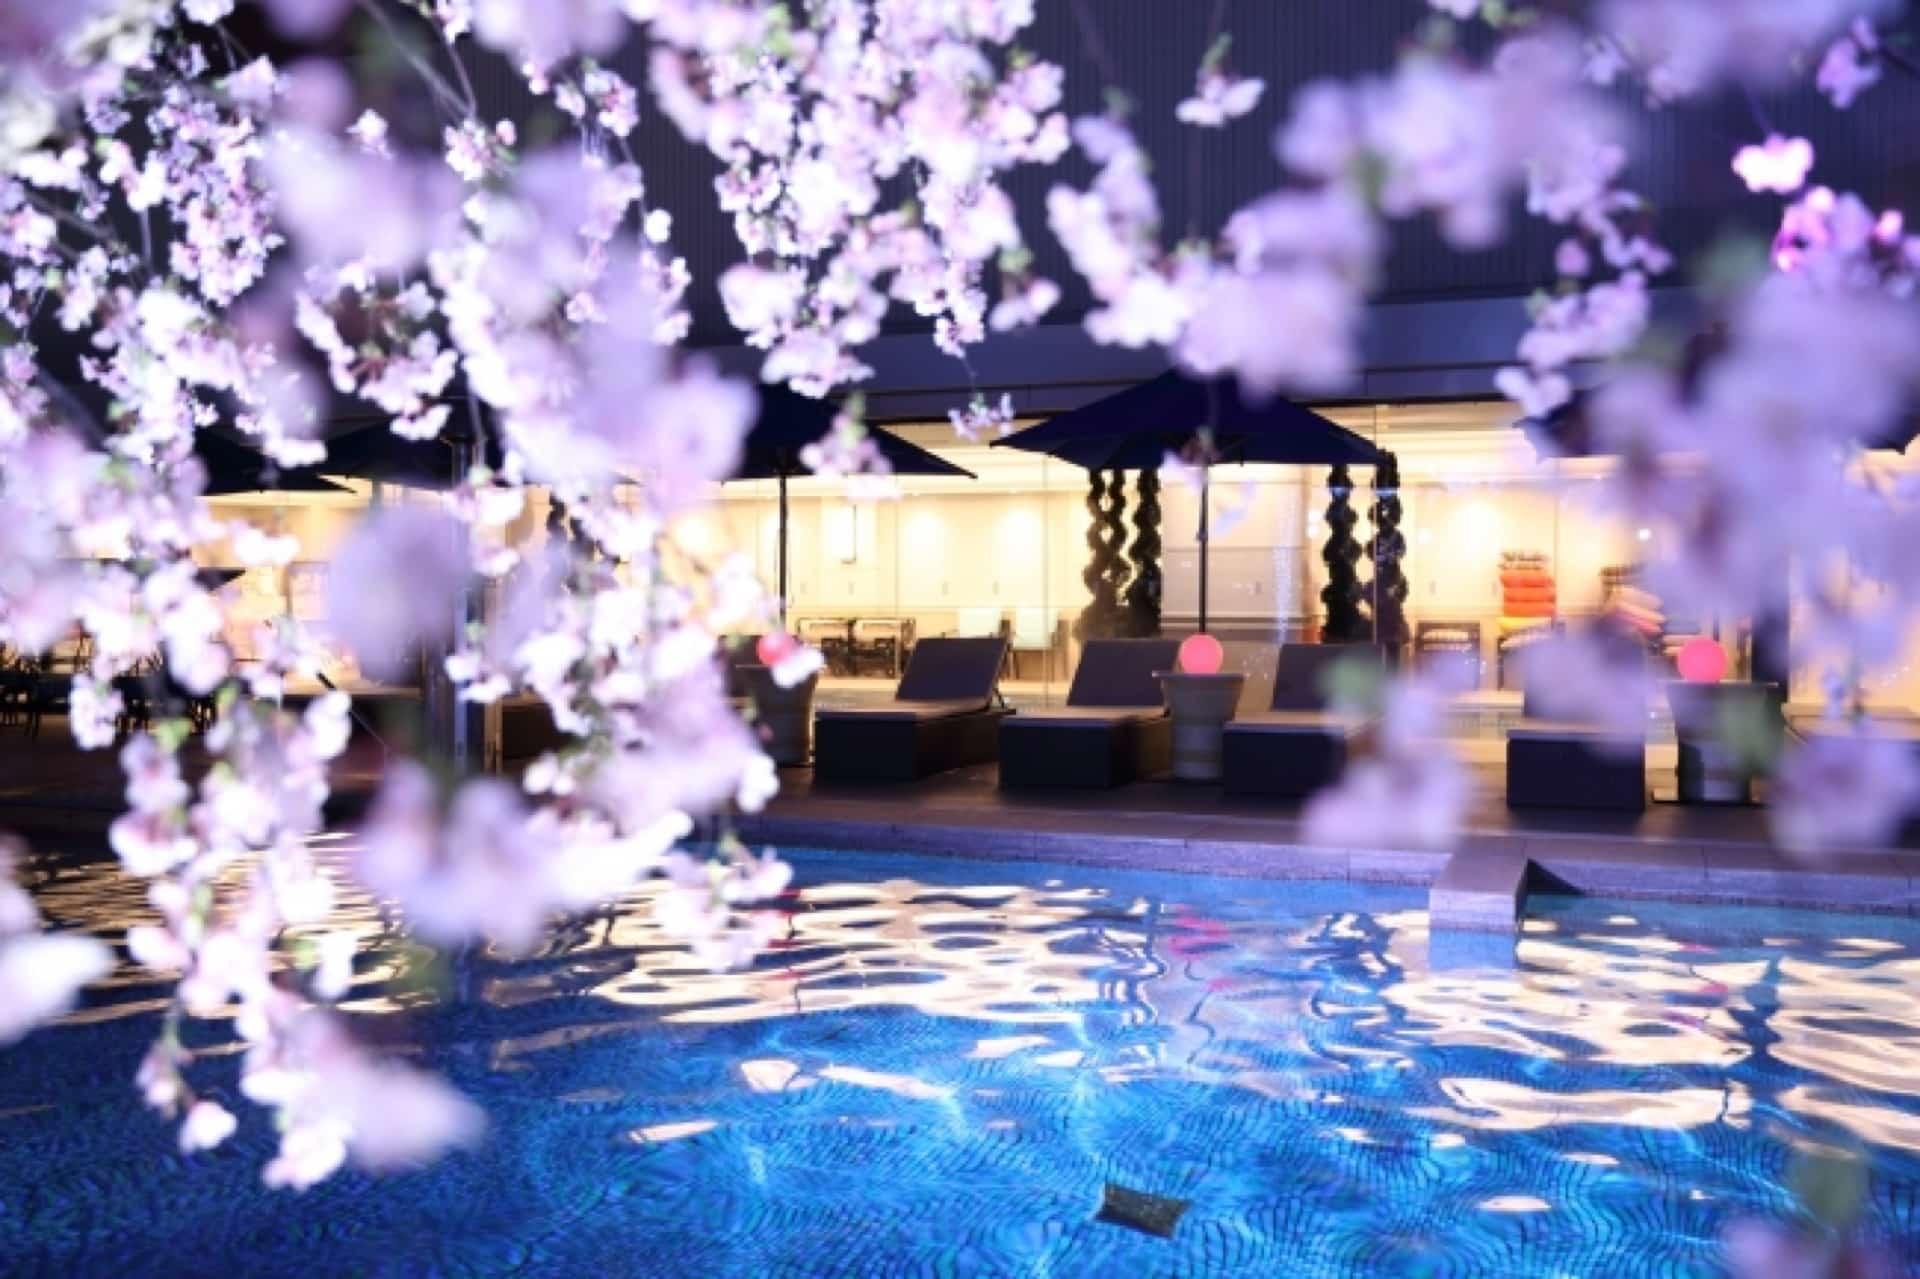 桜でインスタ映え!神戸みなと温泉蓮の「SAKURAナイトプール」は春から楽しめるよ